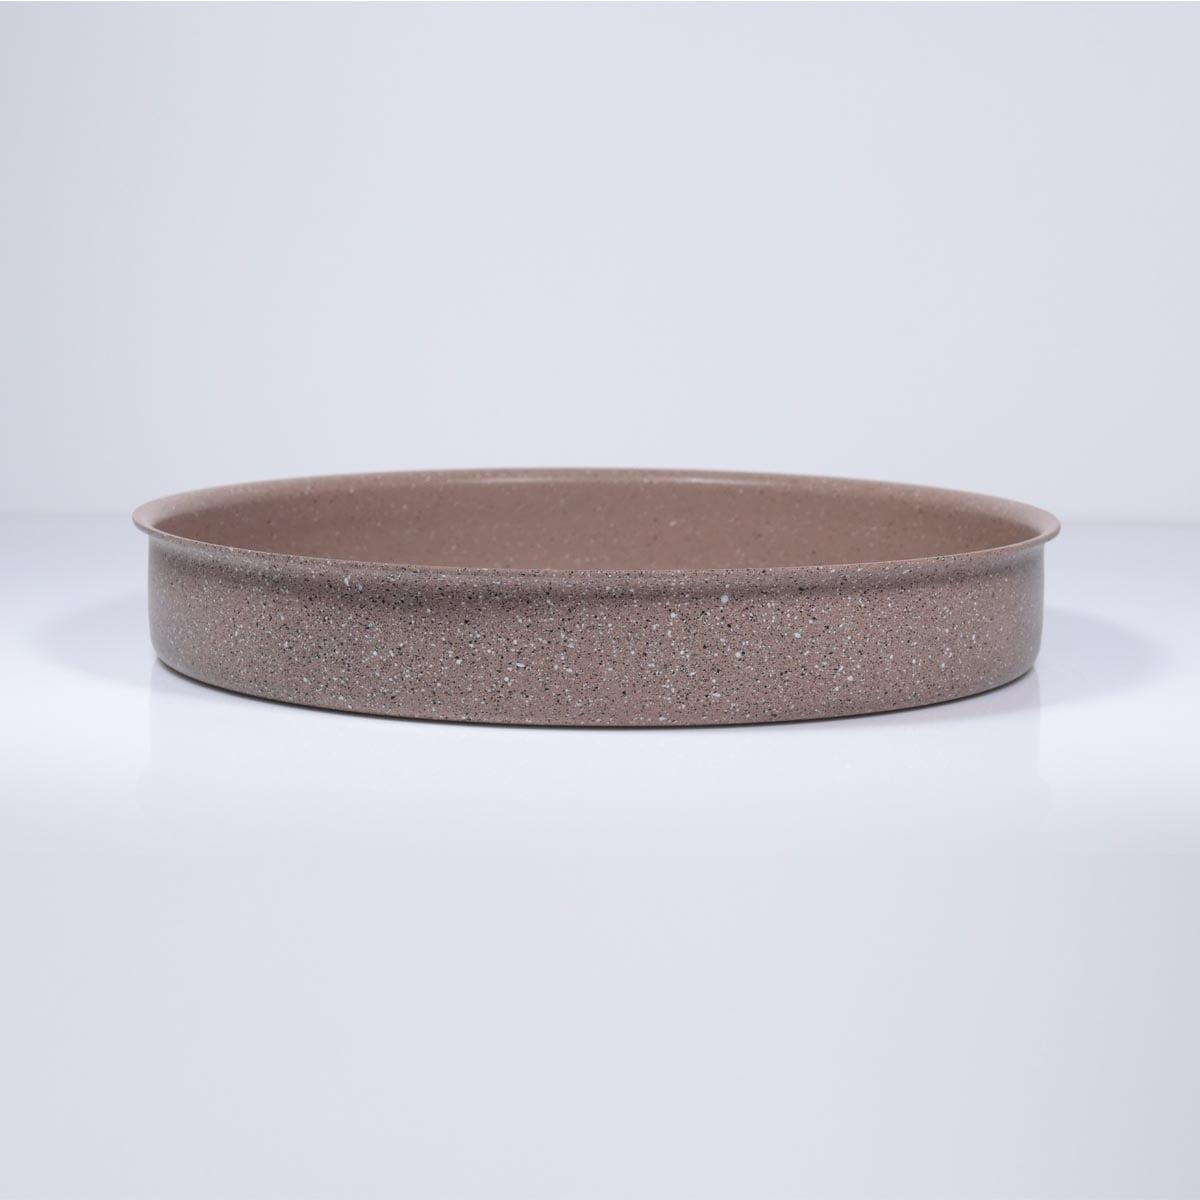 Plitka granitna posuda / tepsija - 3412 BROWN cela posuda